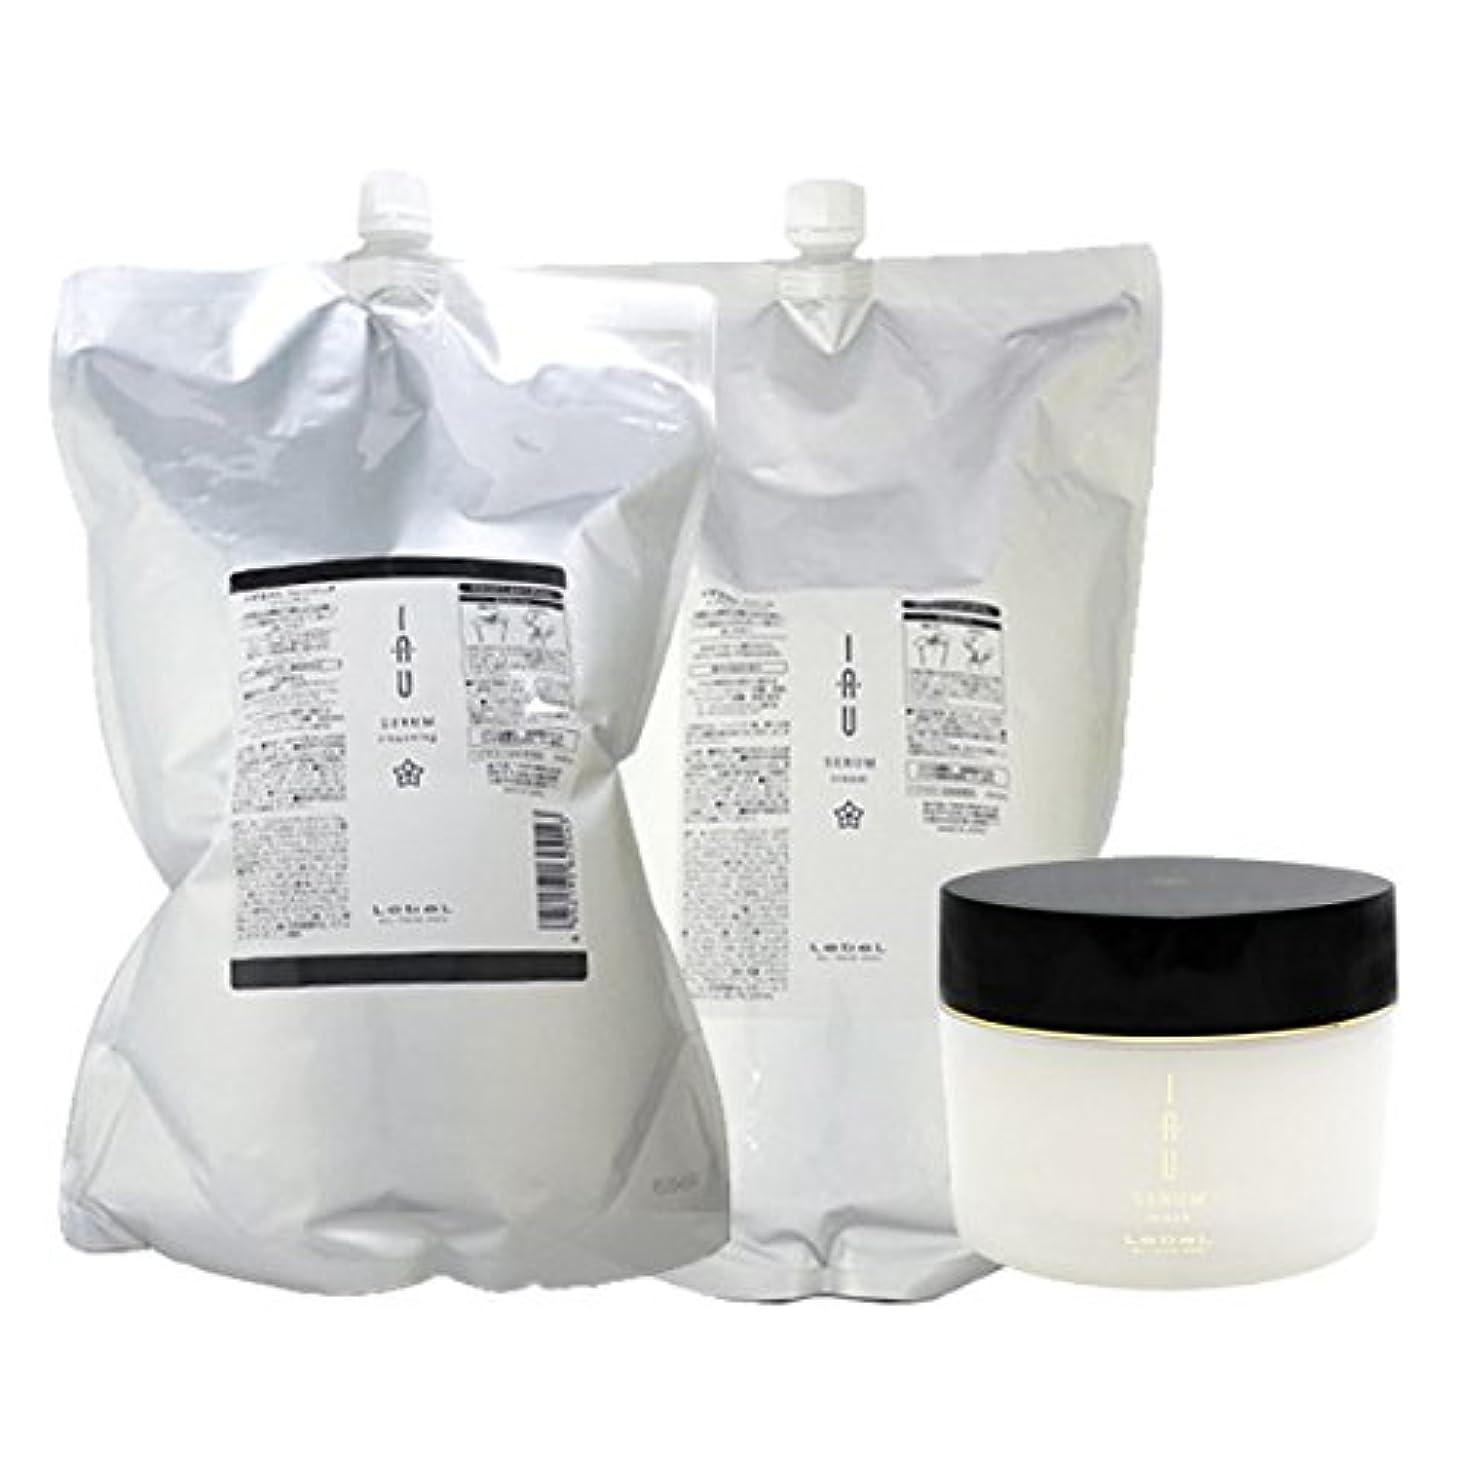 発見ディスコ揺れるルベル イオ セラム クレンジング(シャンプー) 2500mL + クリーム(トリートメント) 2500mL + マスク 170g 3点セット 詰め替え lebel iau serum